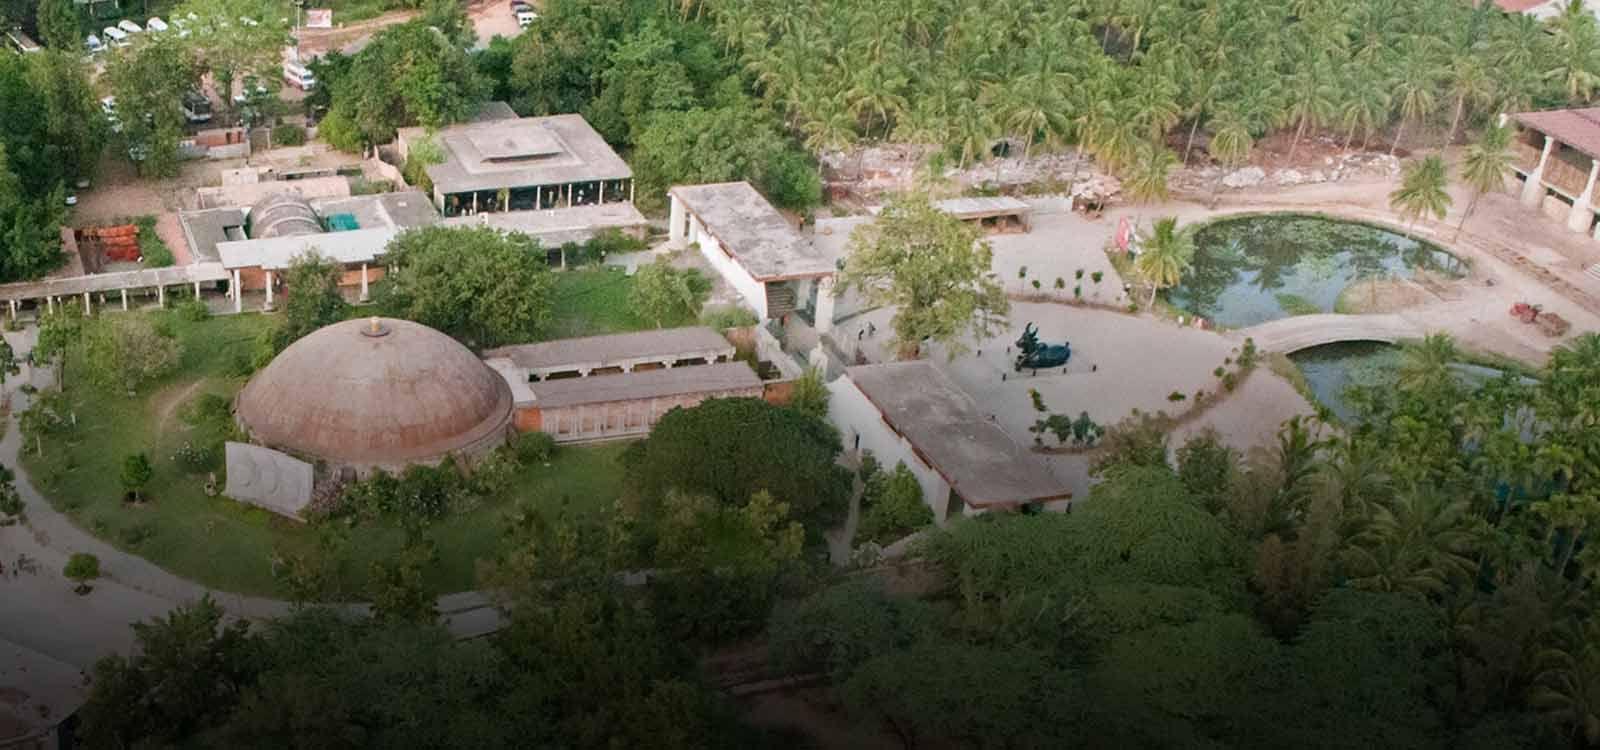 Isha Yoga Center Coimbatore Ishayogacentercoimbatore Http Yogacentersindia Com